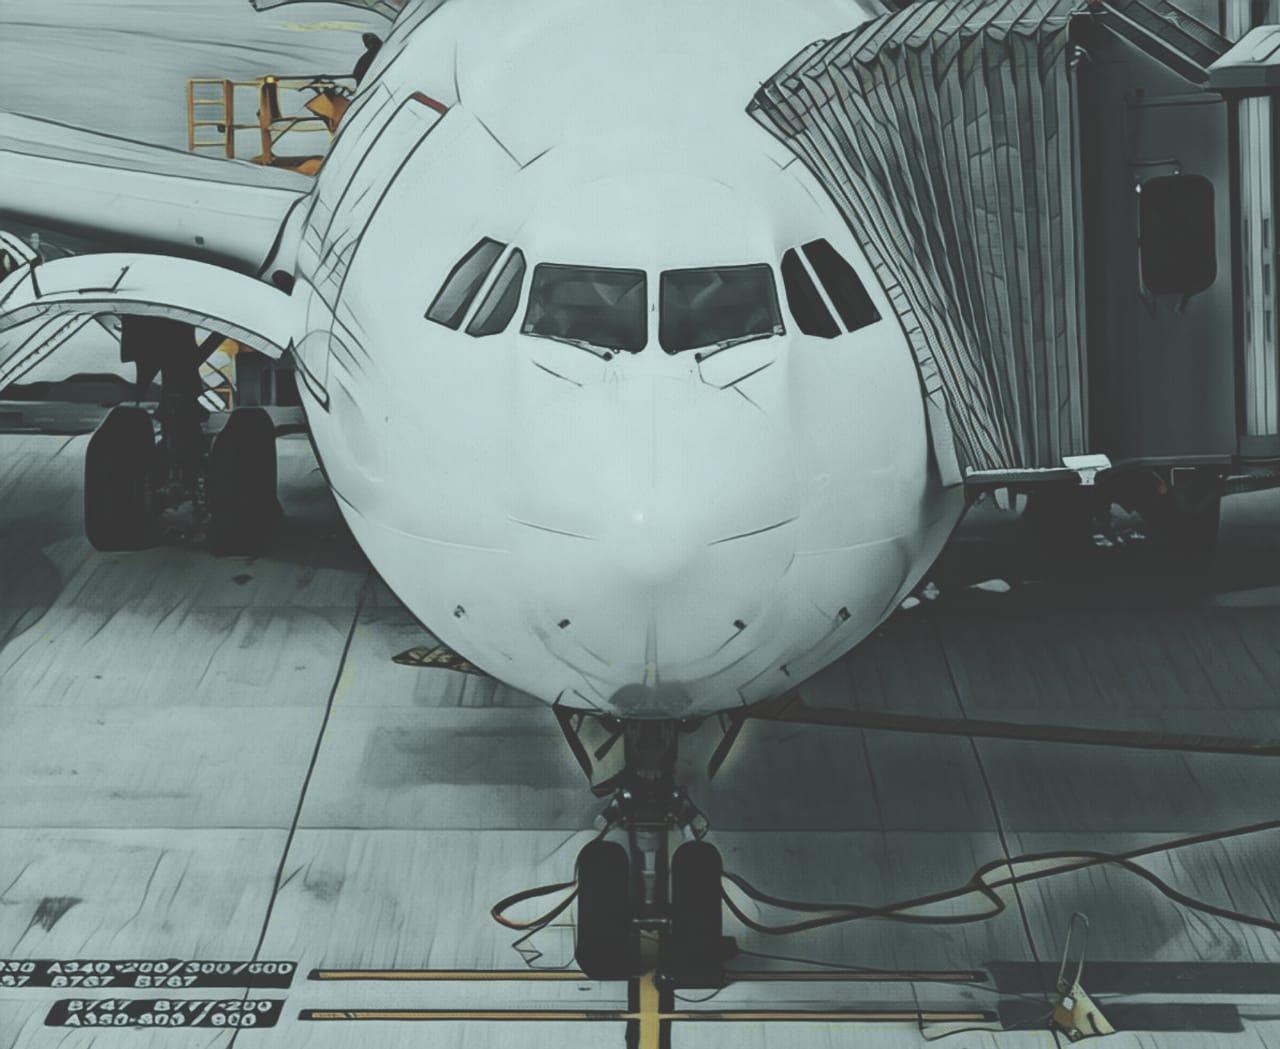 https: img.okeinfo.net content 2020 06 03 320 2223694 lockdown-dicabut-maskapai-penerbangan-siap-buka-rute-internasional-o2V6RoYjW8.jpeg